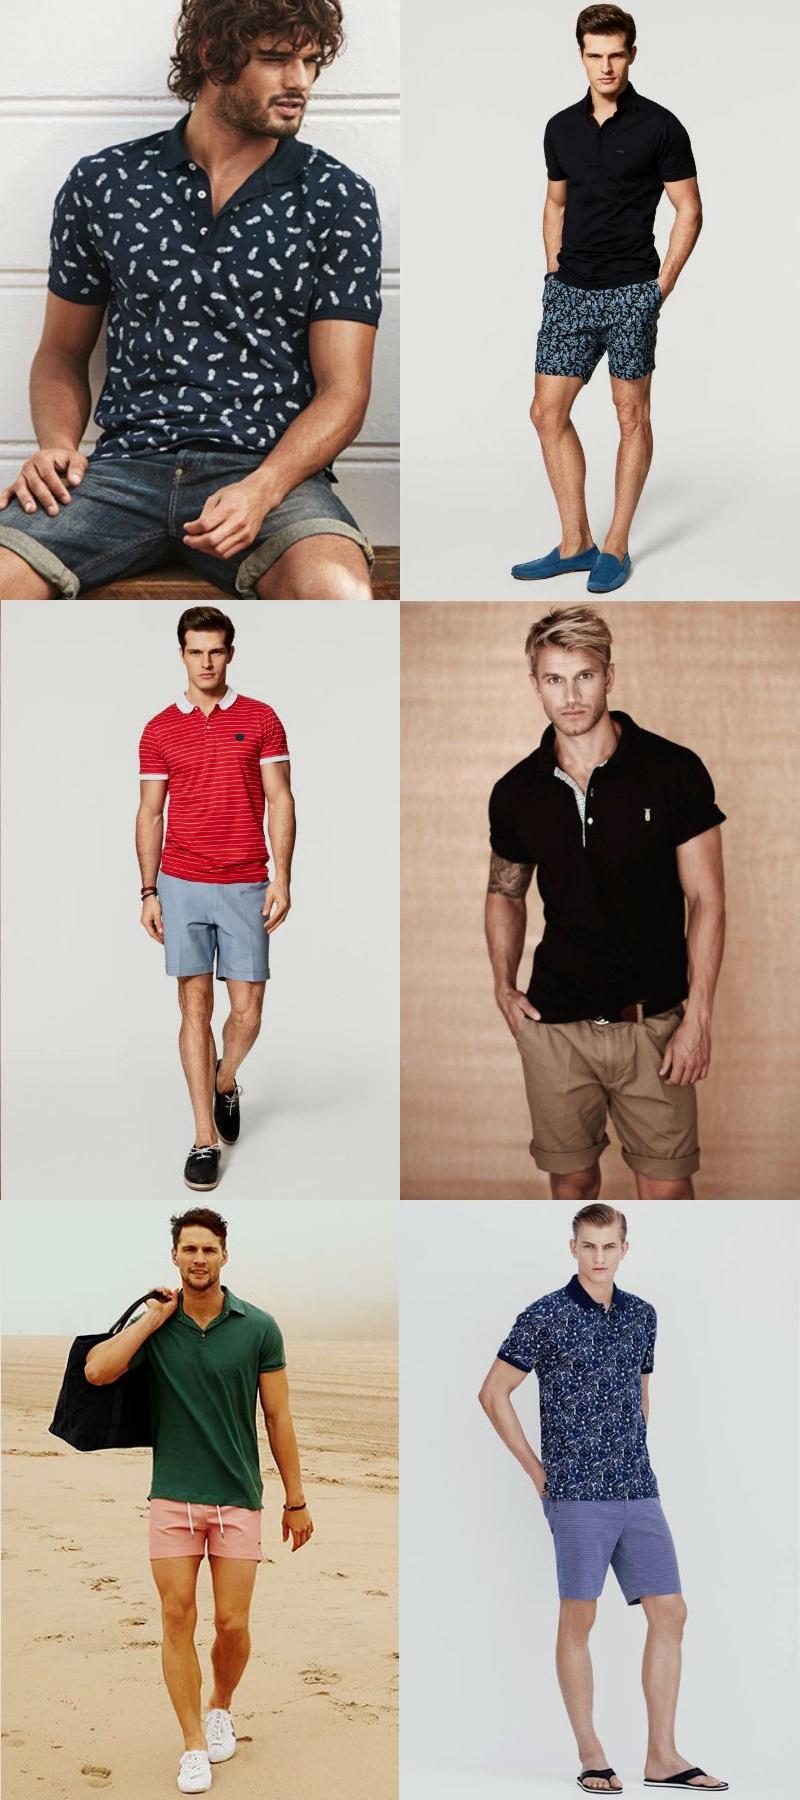 660e289bf Homem No Espelho - Moda casual- bermudas camiseta polo - Homem no ...